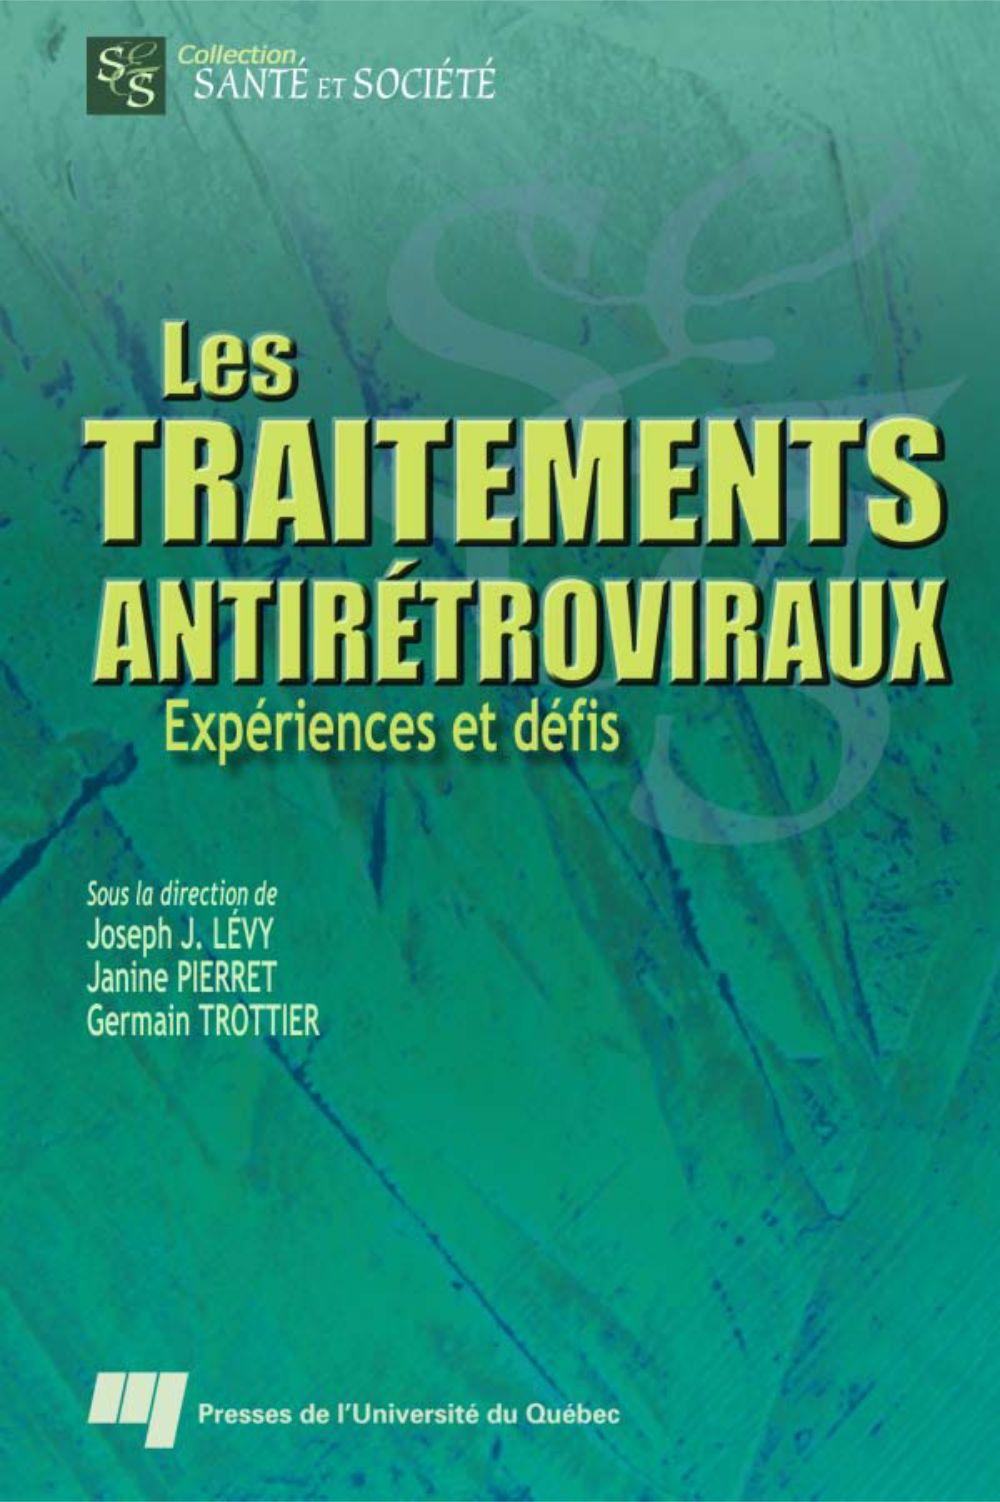 Les traitements antirétroviraux